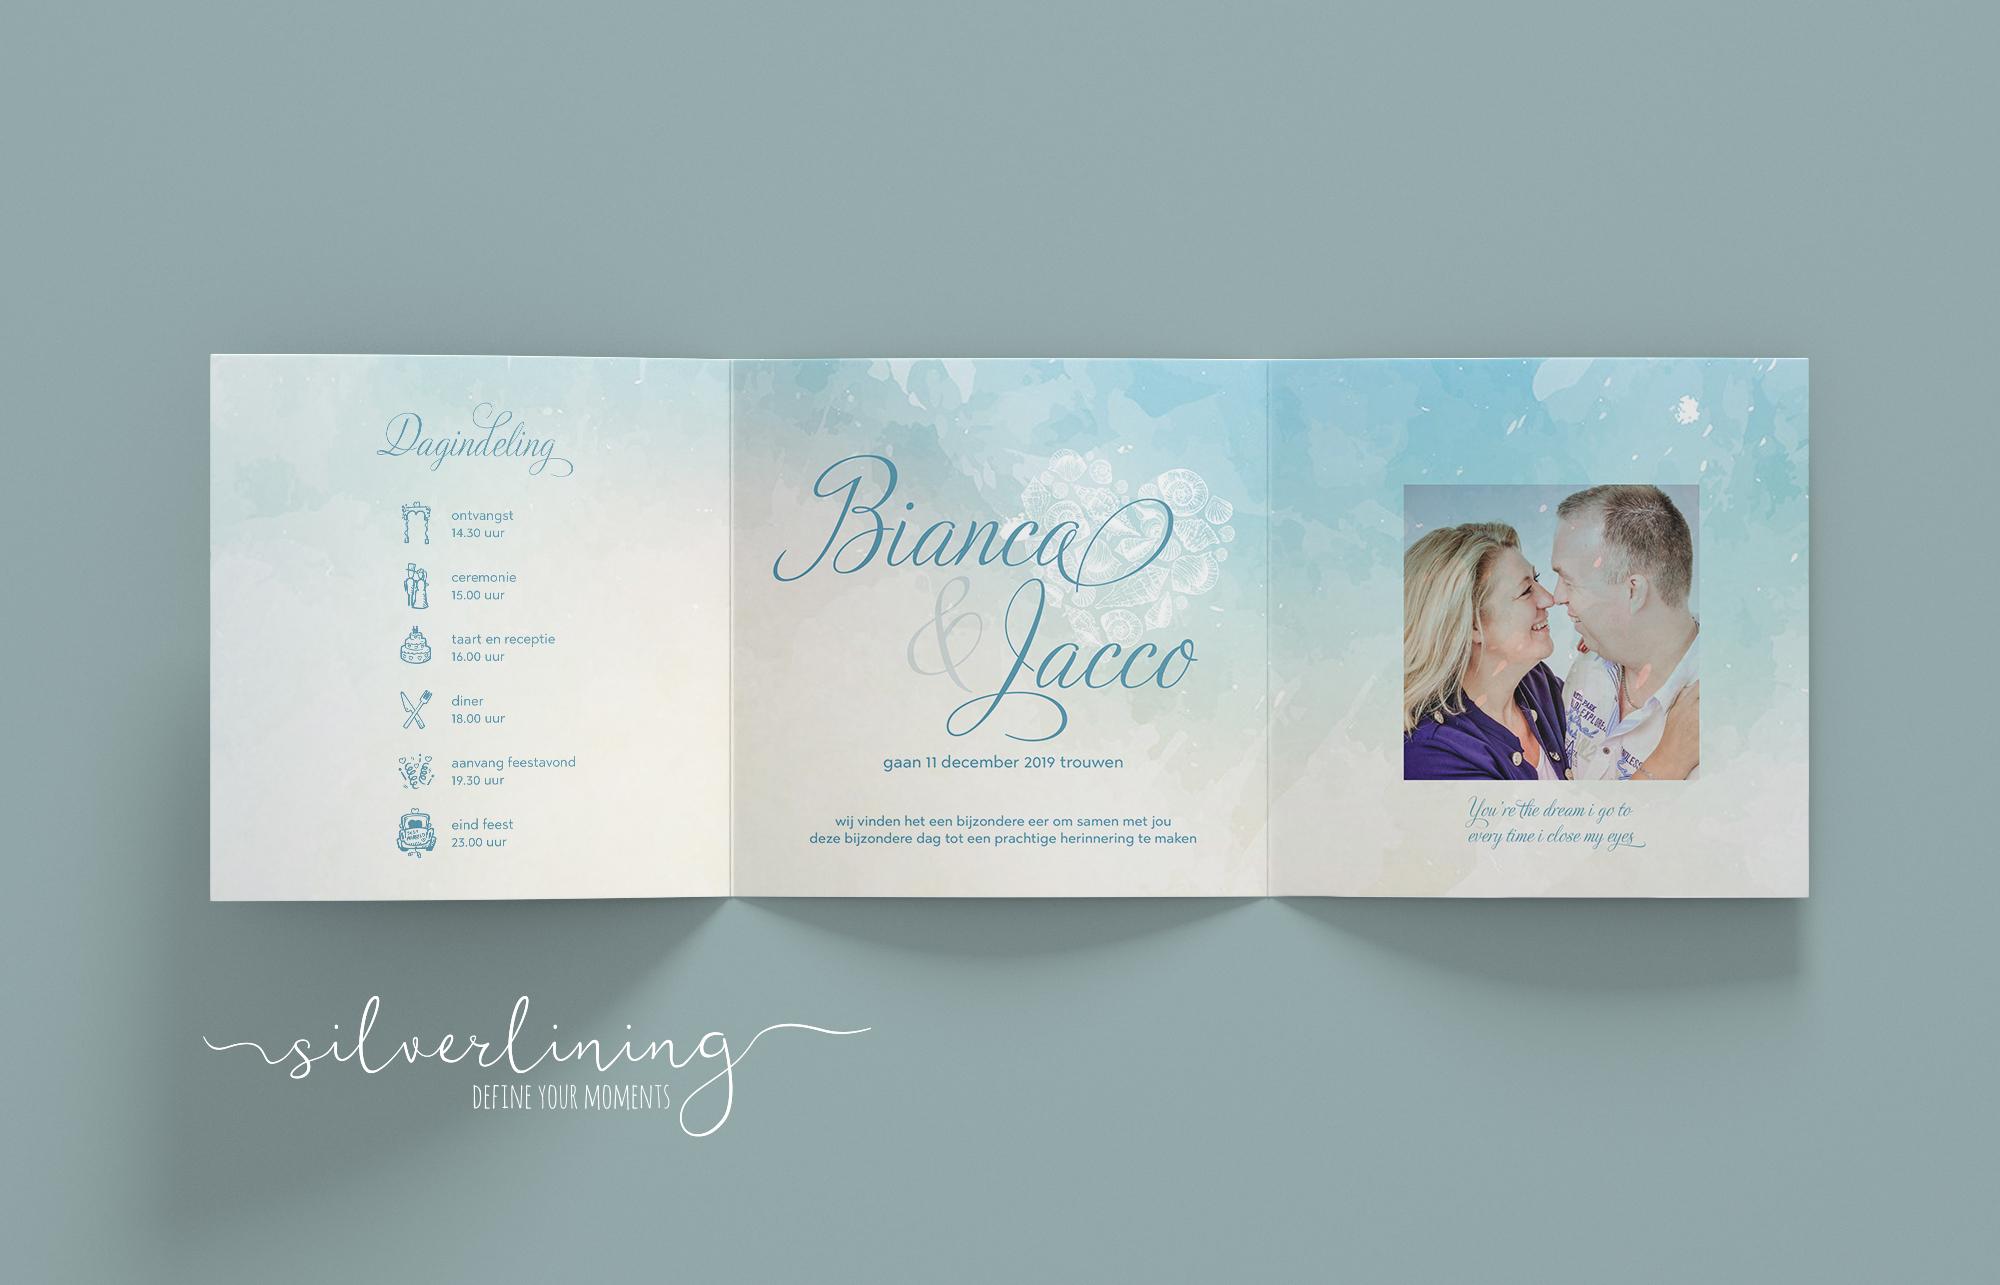 Bianca en Jacco